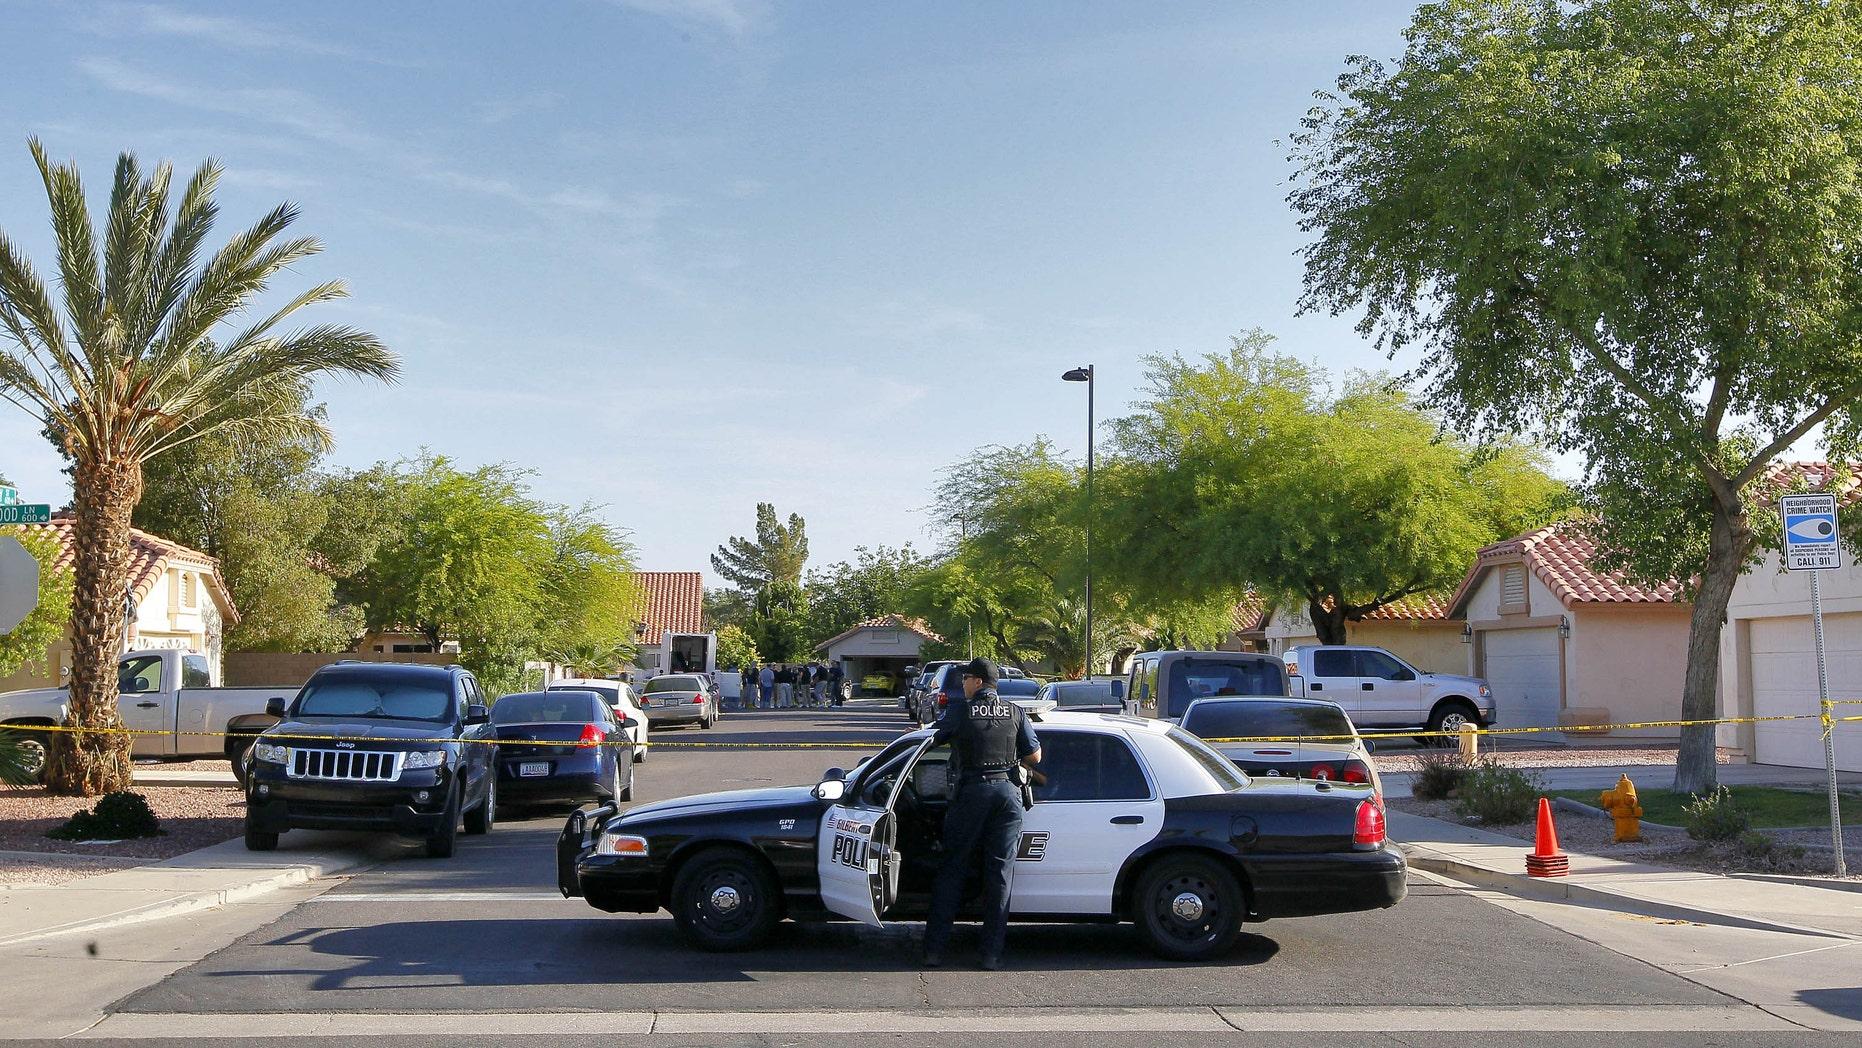 A Gilbert police officer blocks the street outside a shooting crime scene Thursday, May 3, 2012 in Gilbert, Ariz. (AP Photo/Matt York)